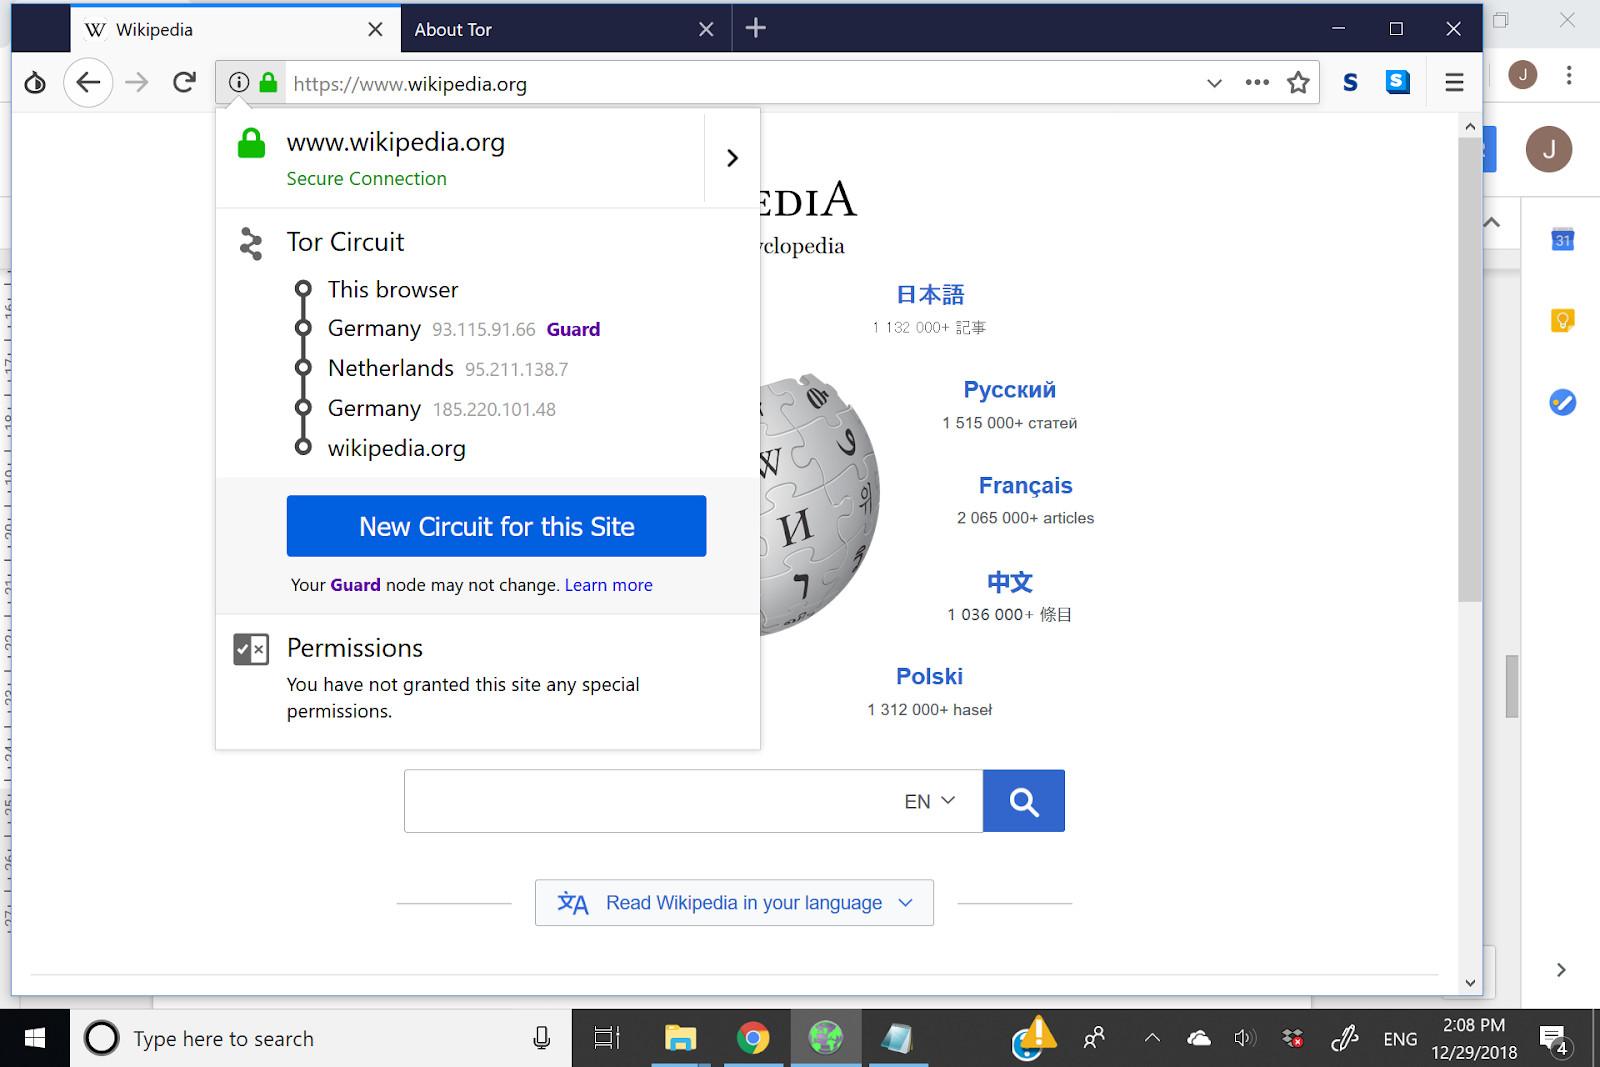 Коды стран для браузера тор сериал даркнет смотреть hidra